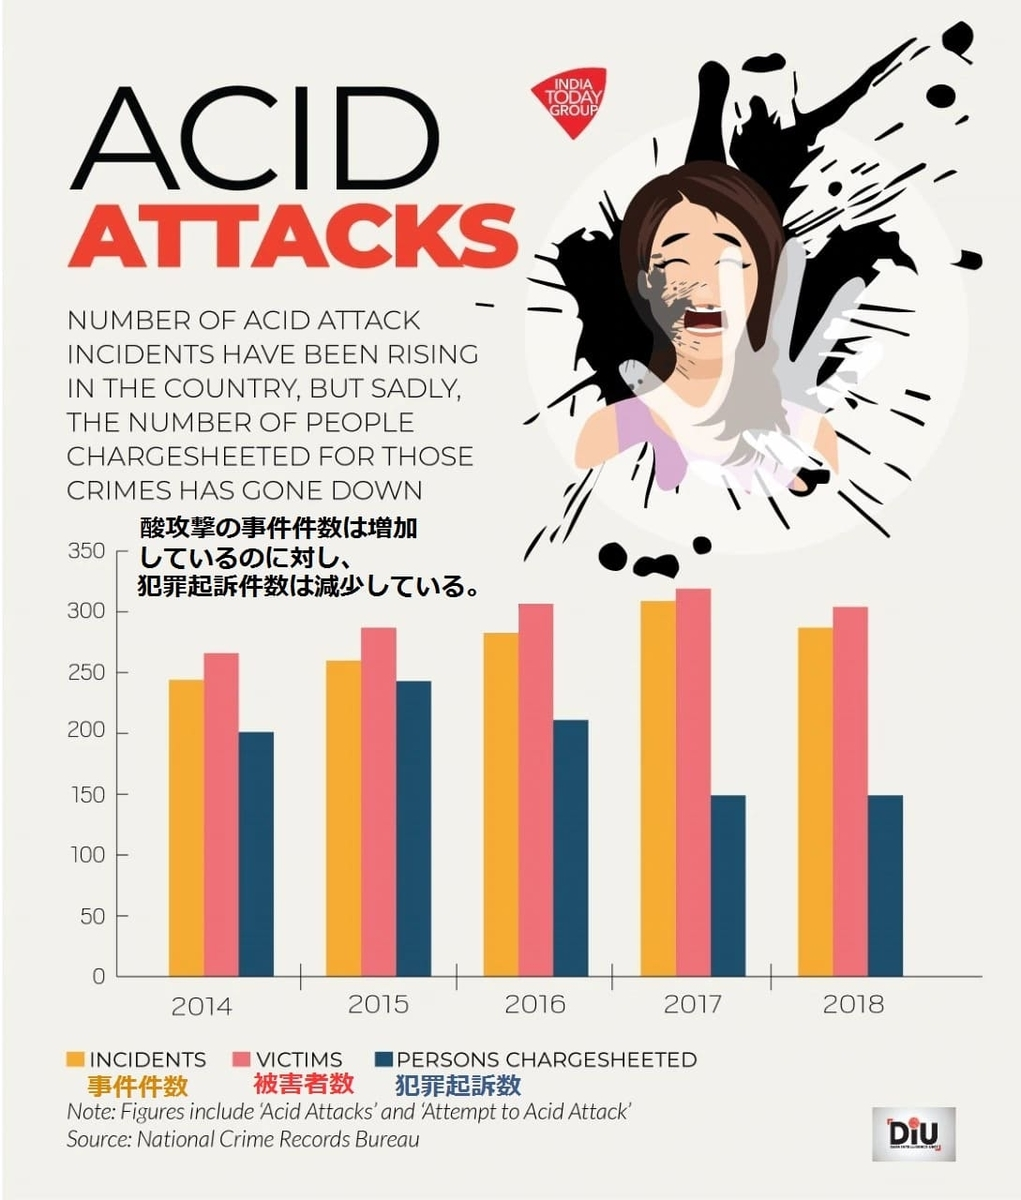 2014年から2018年の酸攻撃事件件数・被害者数・起訴人数の推移